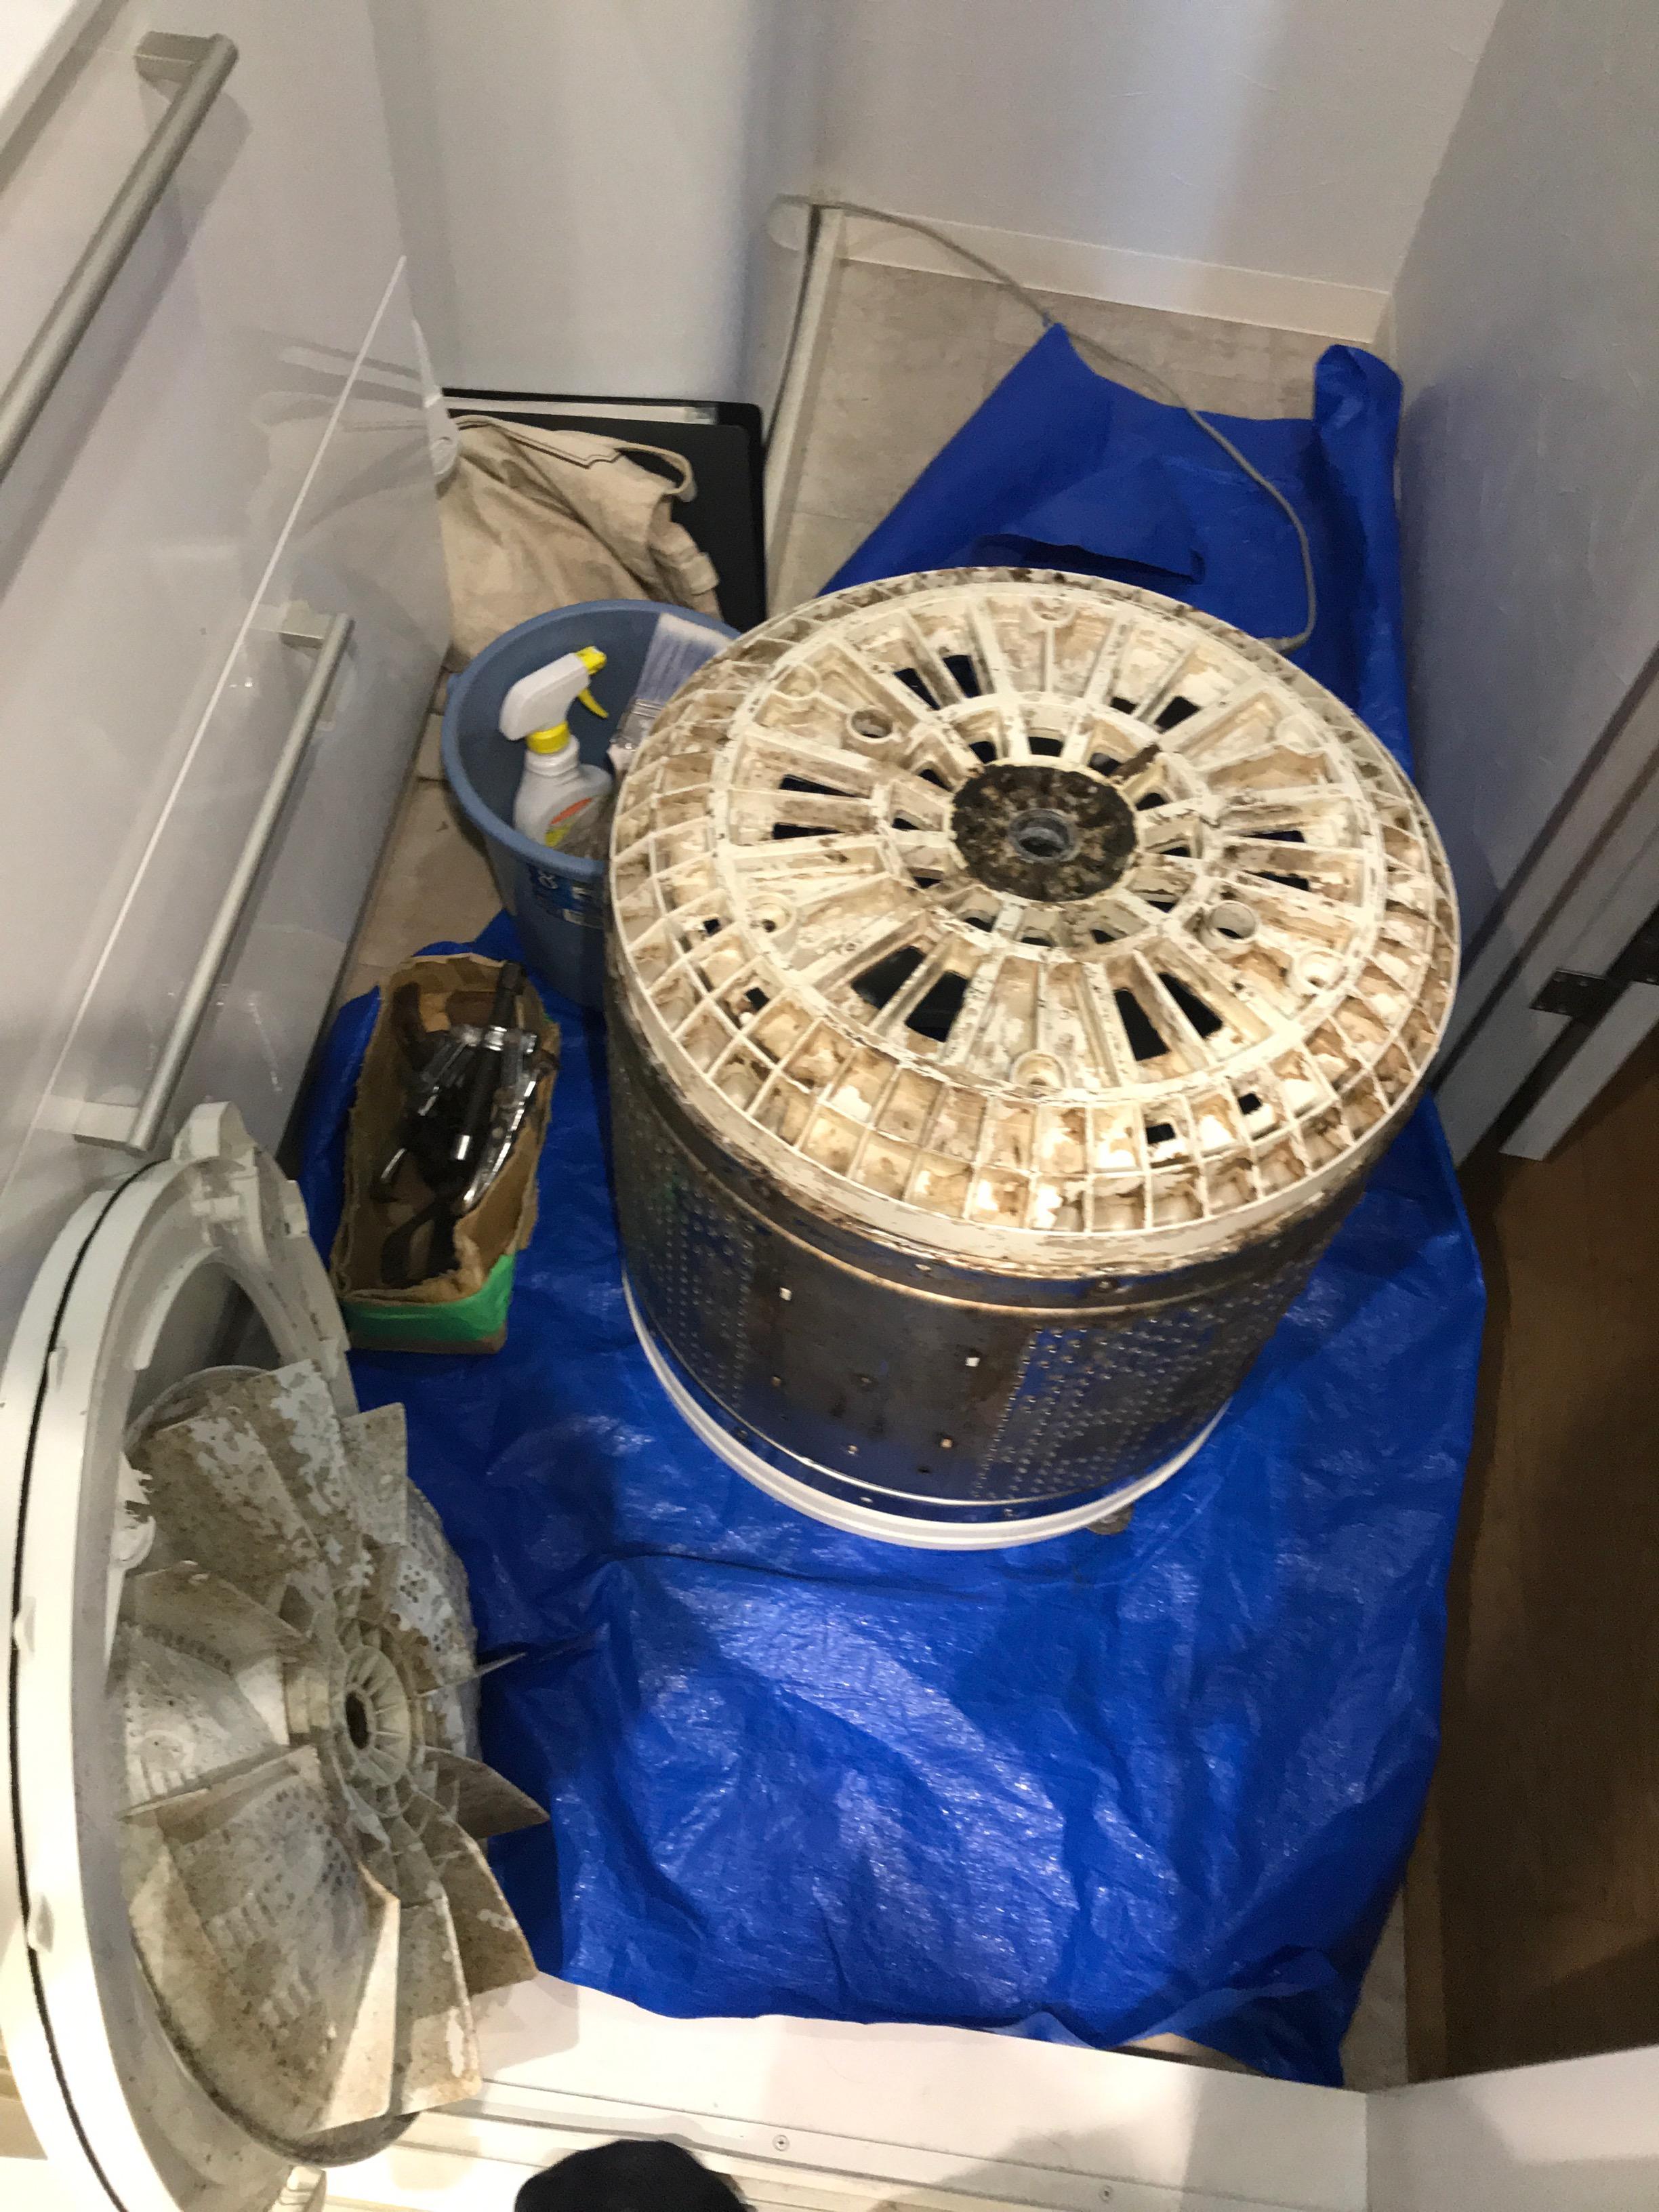 ロハスクラブ会員様人気メンテナンス「洗濯機分解クリーニング」